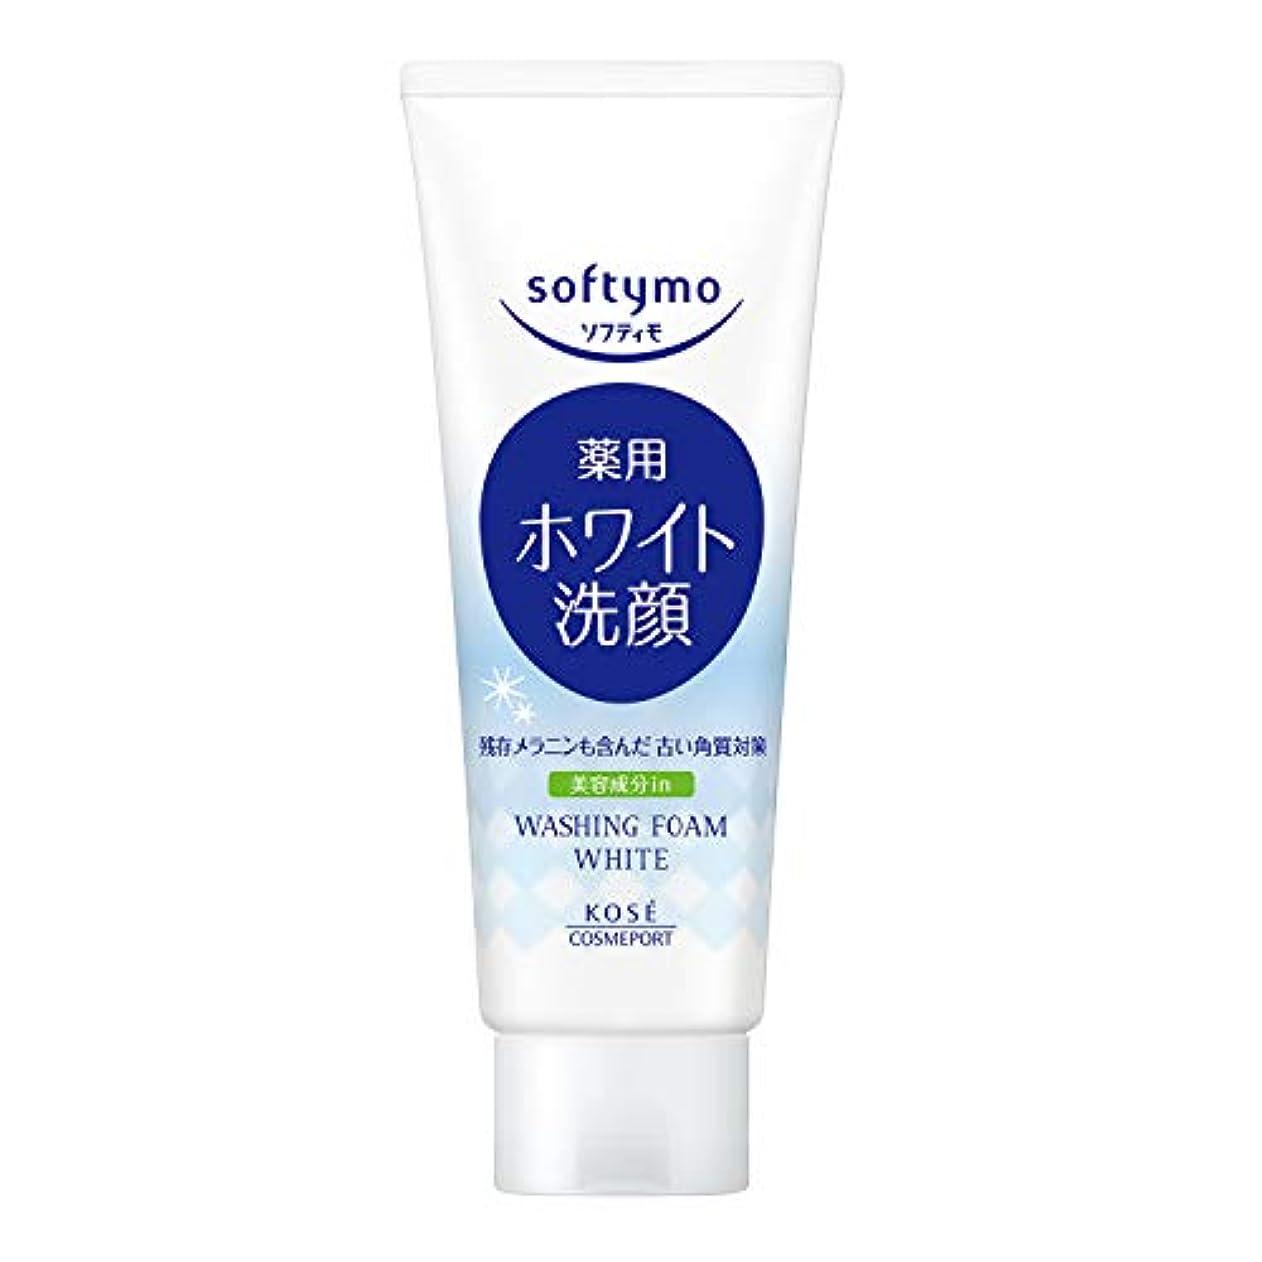 パワーセル貧しいユーモアKOSE コーセー ソフティモ ホワイト 薬用洗顔フォーム 150g (医薬部外品)